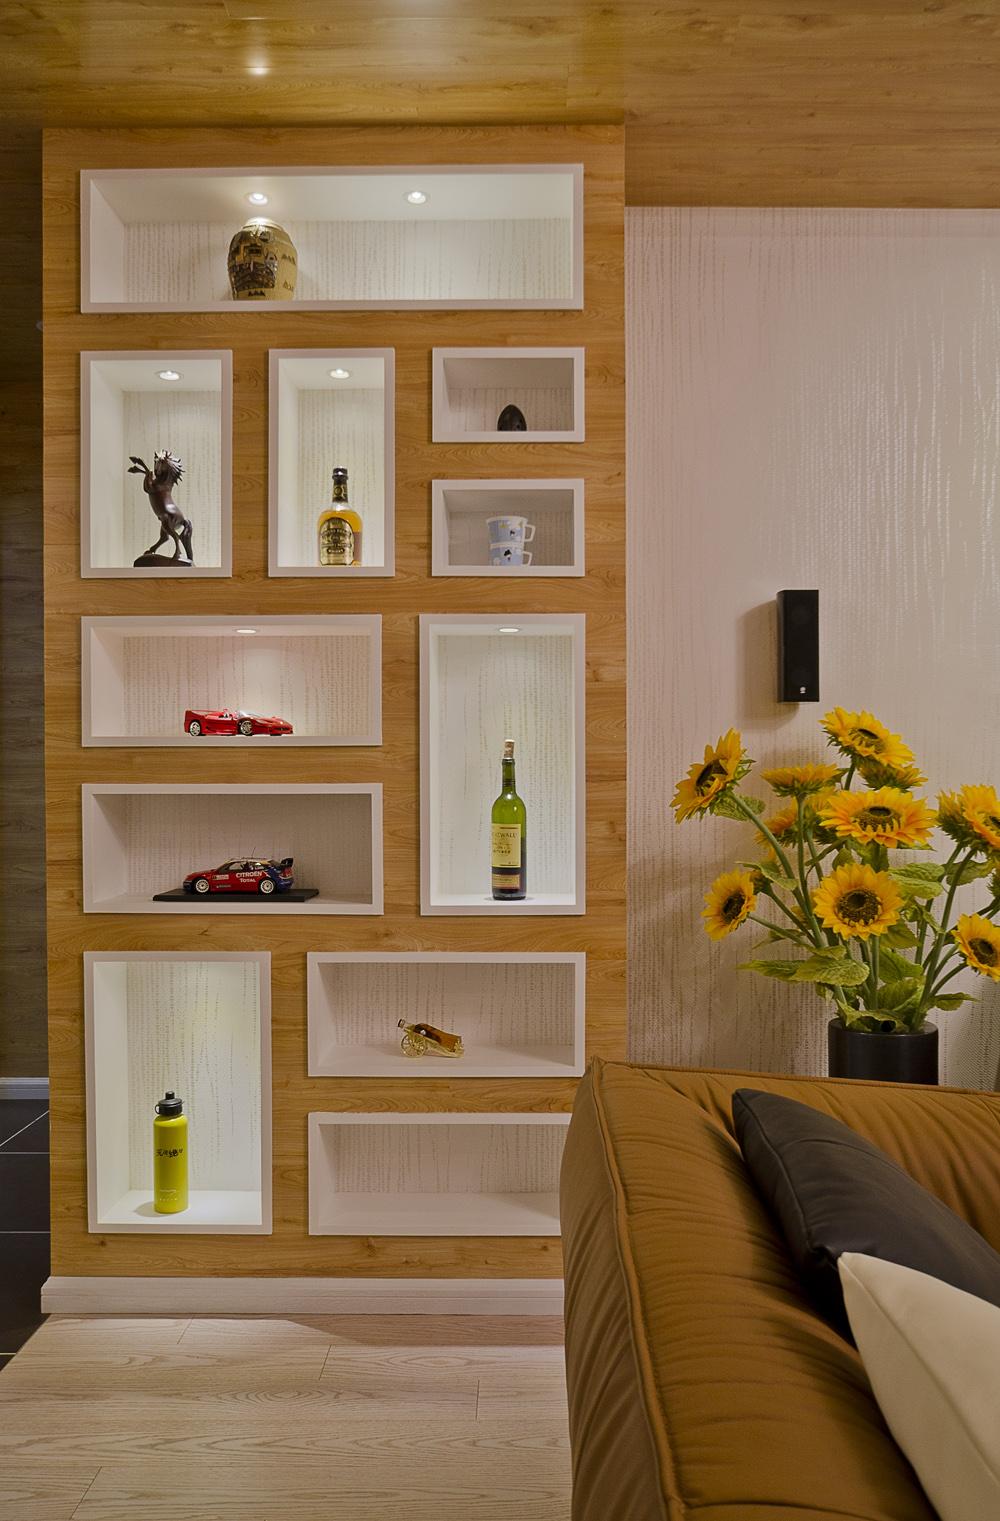 130㎡现代简约风格装修展示柜设计图